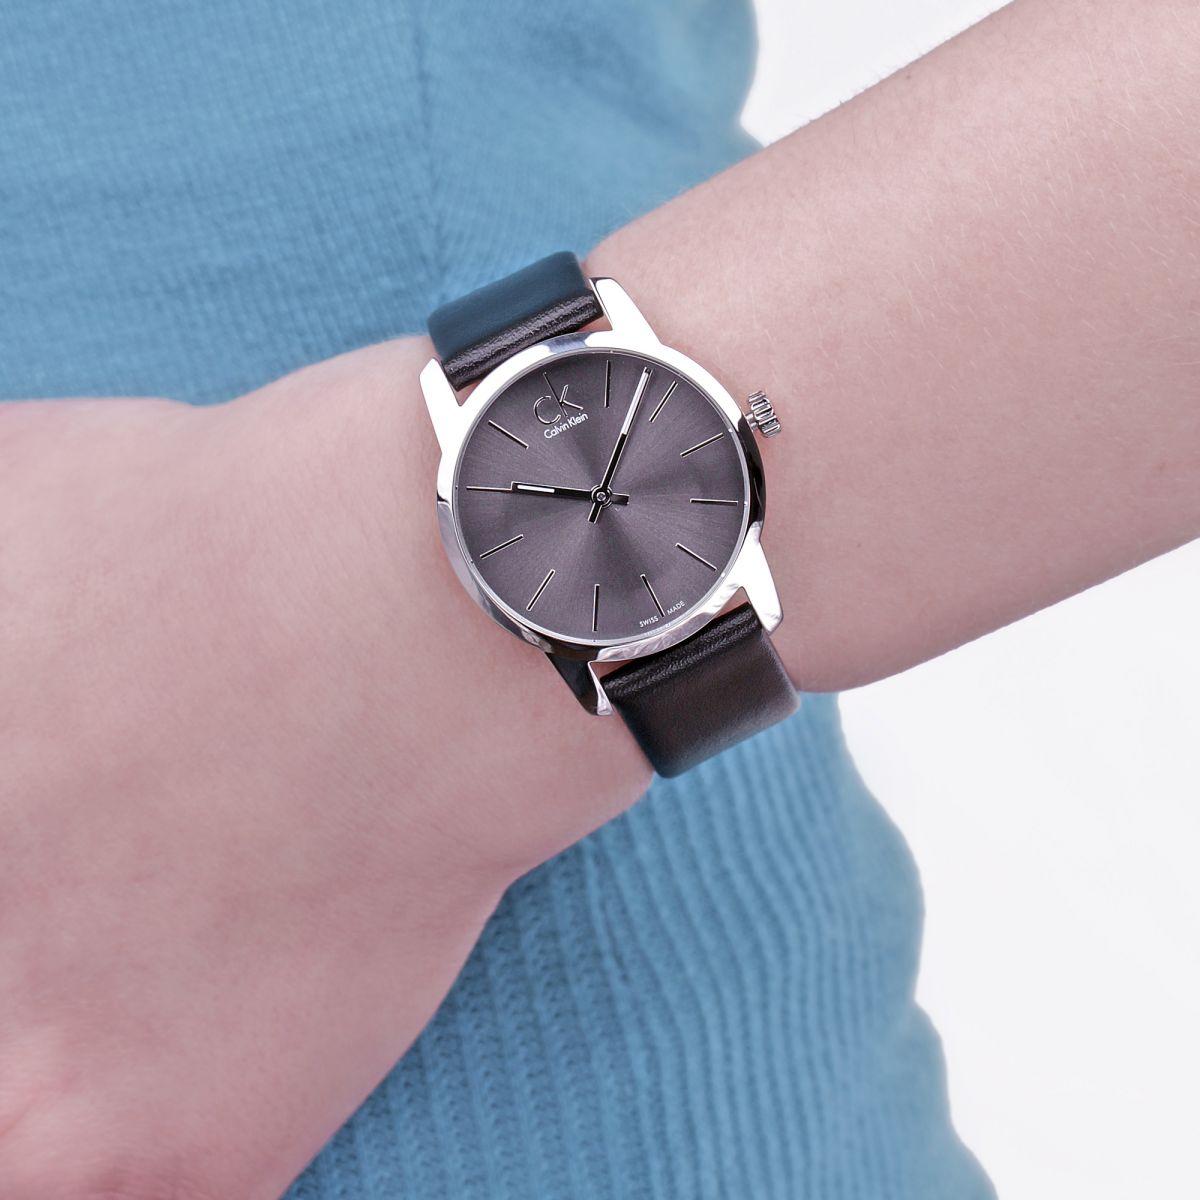 Women's Calvin Klein Watches - Wrist watch collections